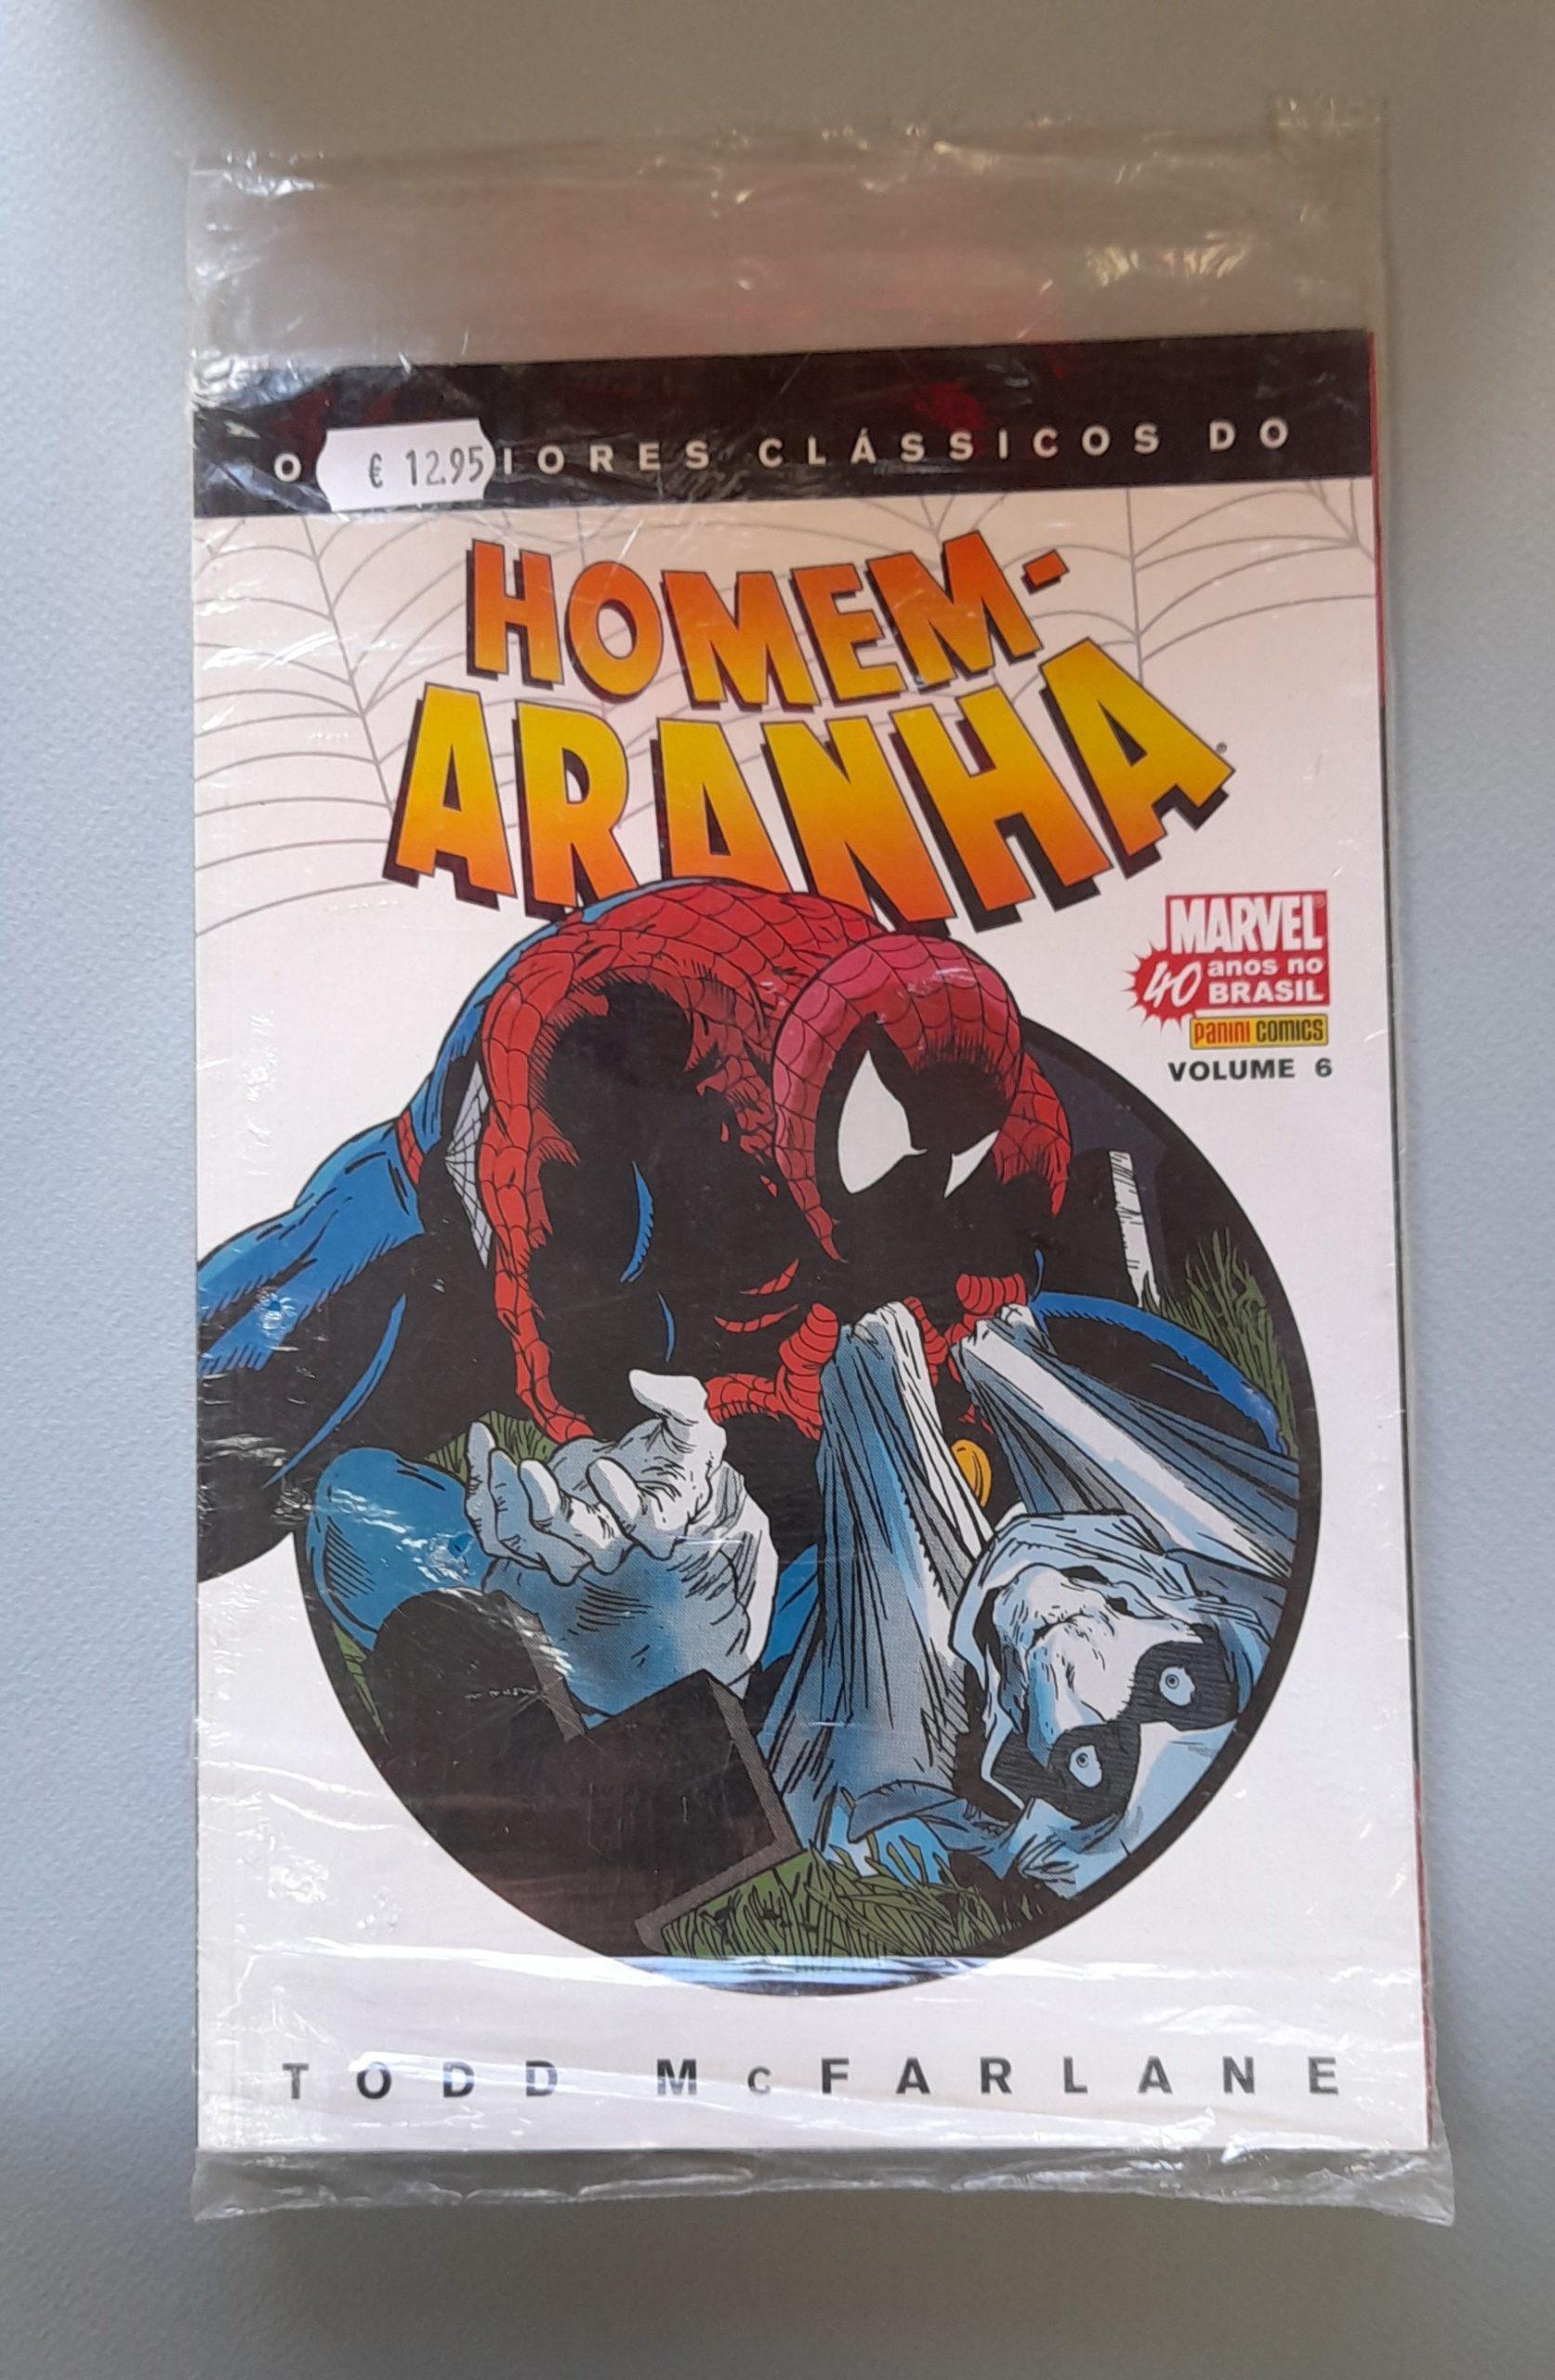 Maiores Clássicos do Homem-Aranha n° 6